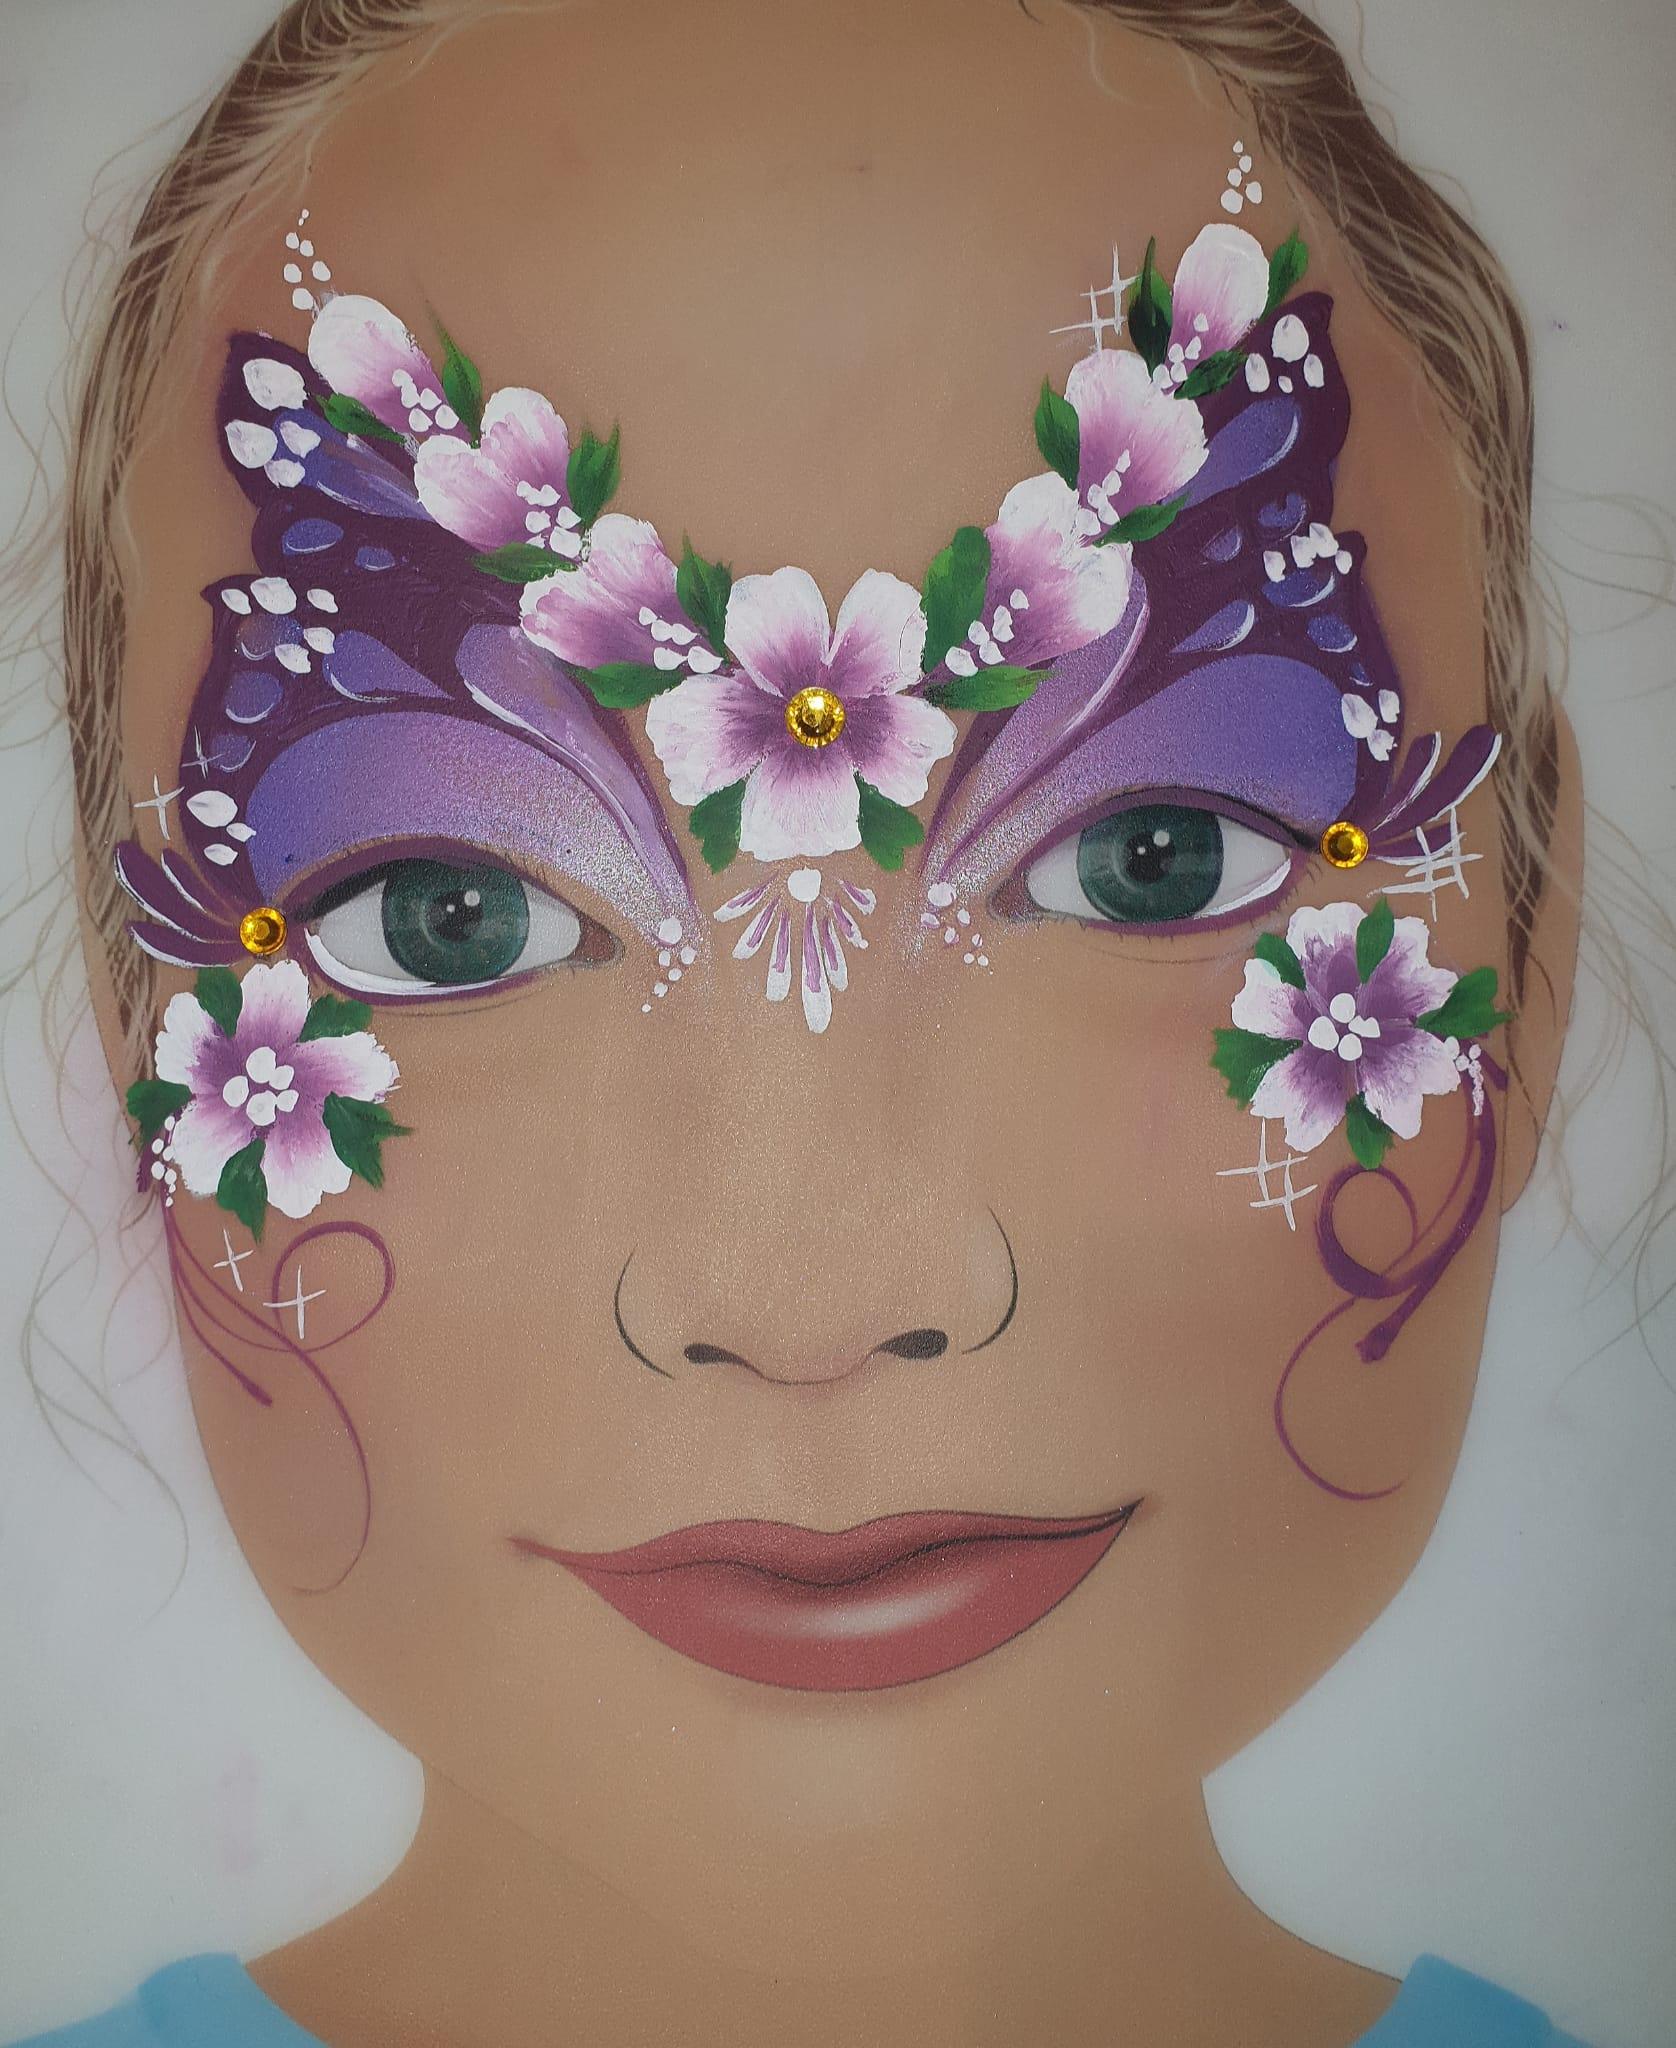 Maquillage fille professionnel fleur